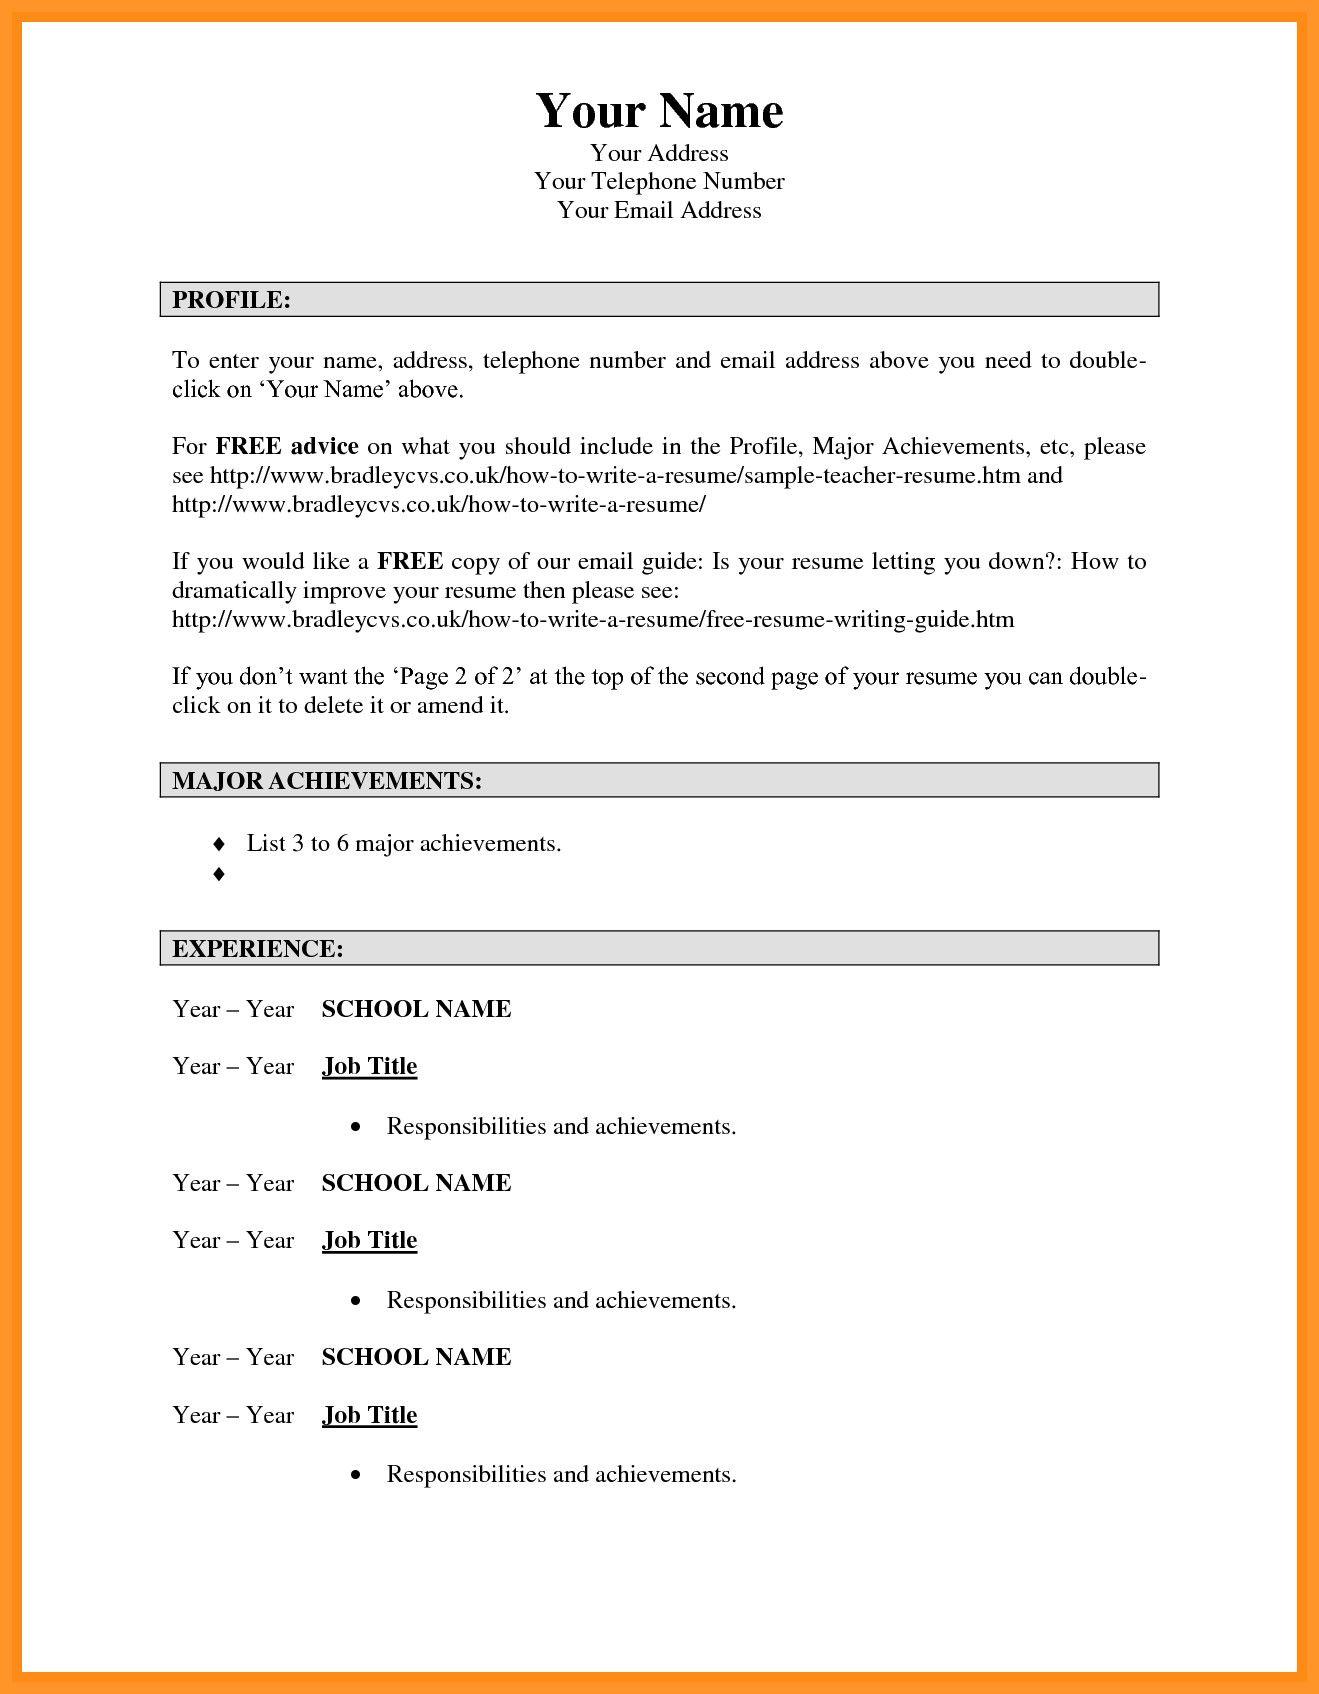 Putting Address On Resume 12 13 Do You Put Address On Resume Nursing Resume Examples Resume Updating Project Manager Resume